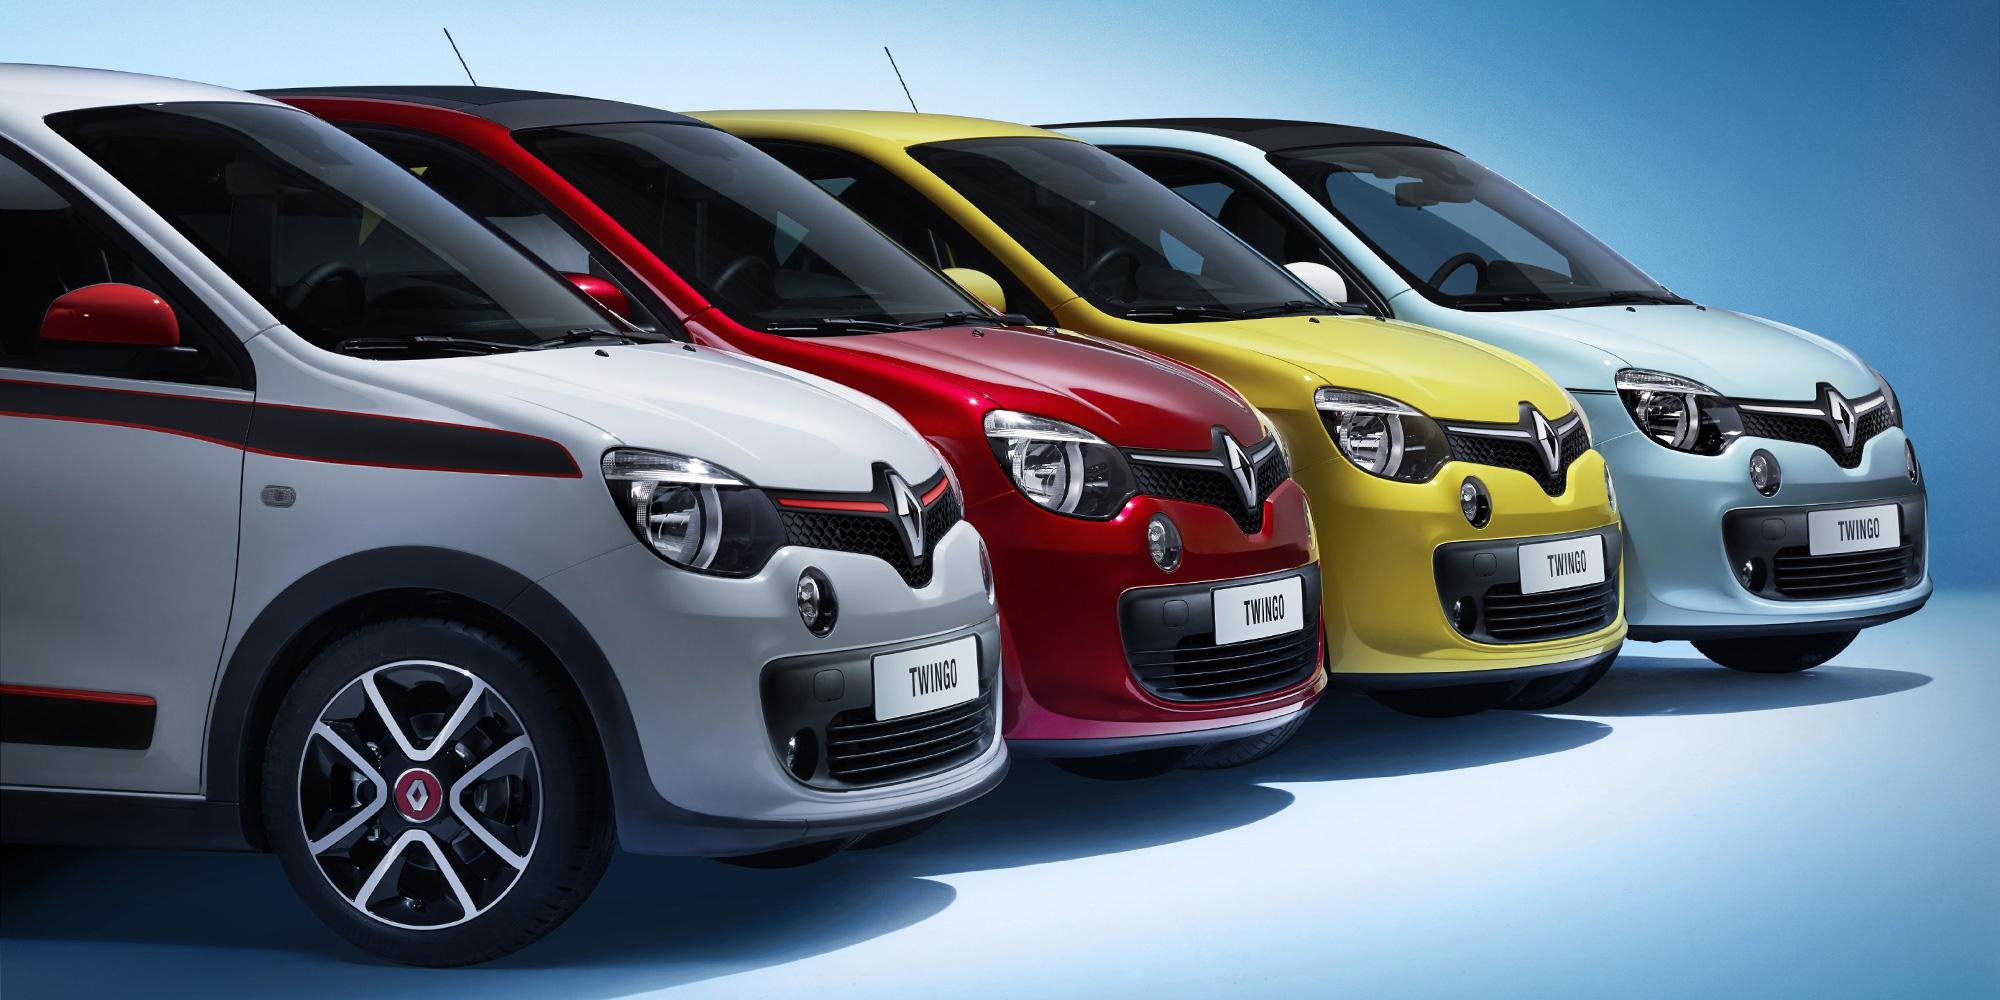 Rote, graue, schwarze Autos: Das Geheimnis der Farben